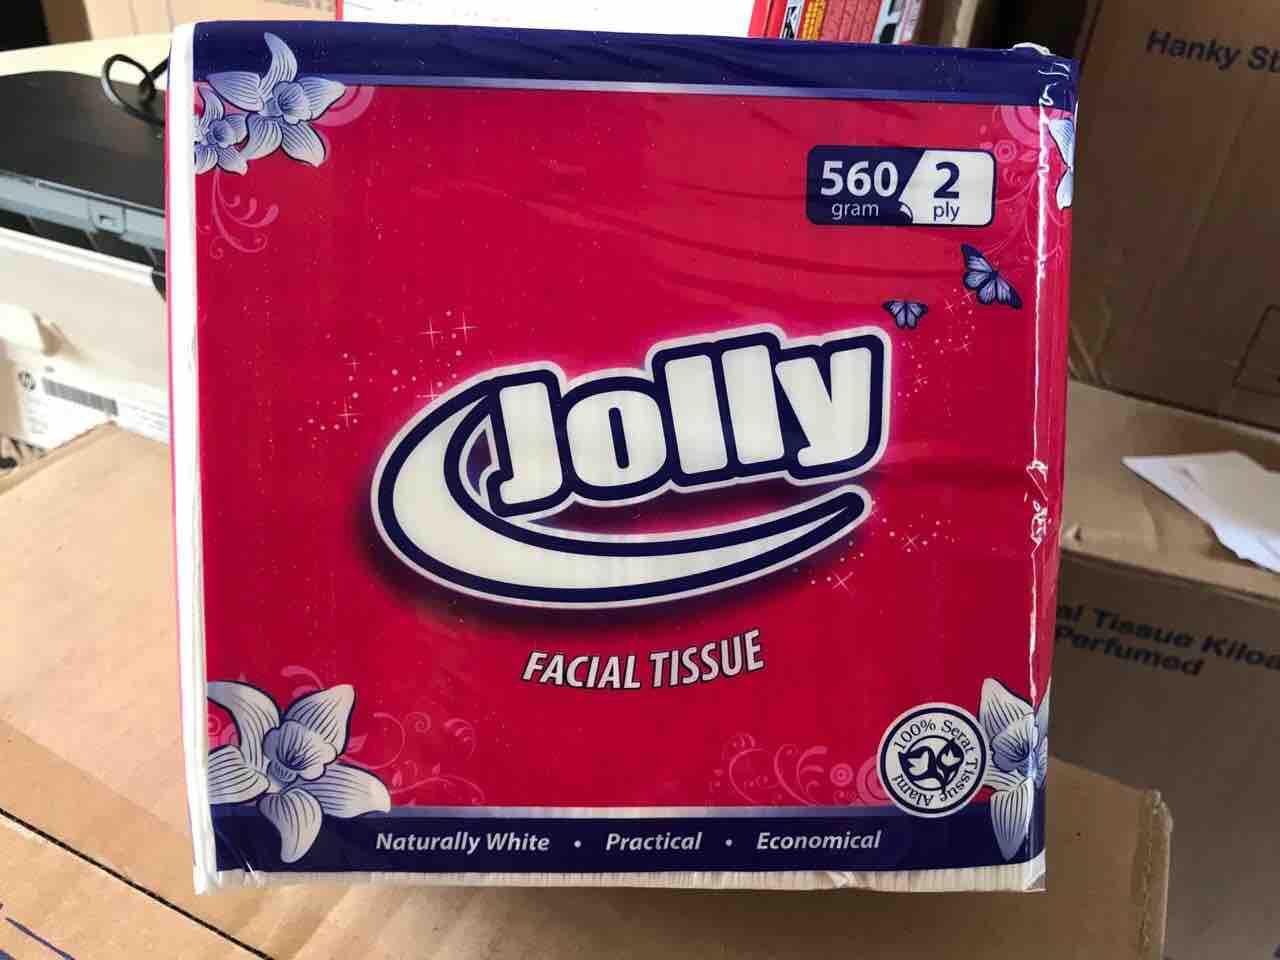 Tissue Tisu Jolly 560 Gram 2ply By Babyme..